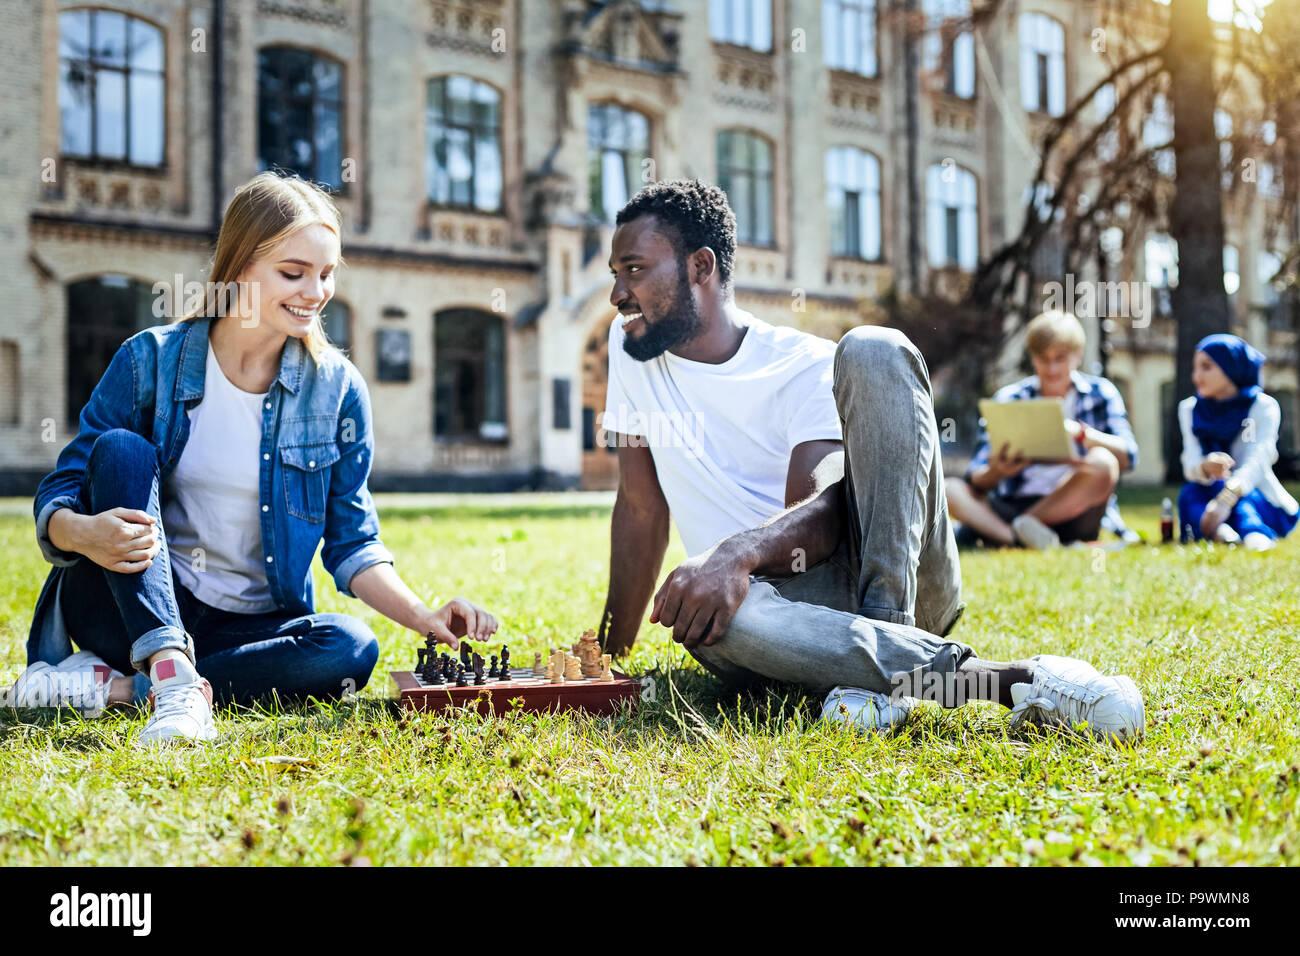 Fröhliche junge Menschen Schach spielen im Freien Stockbild